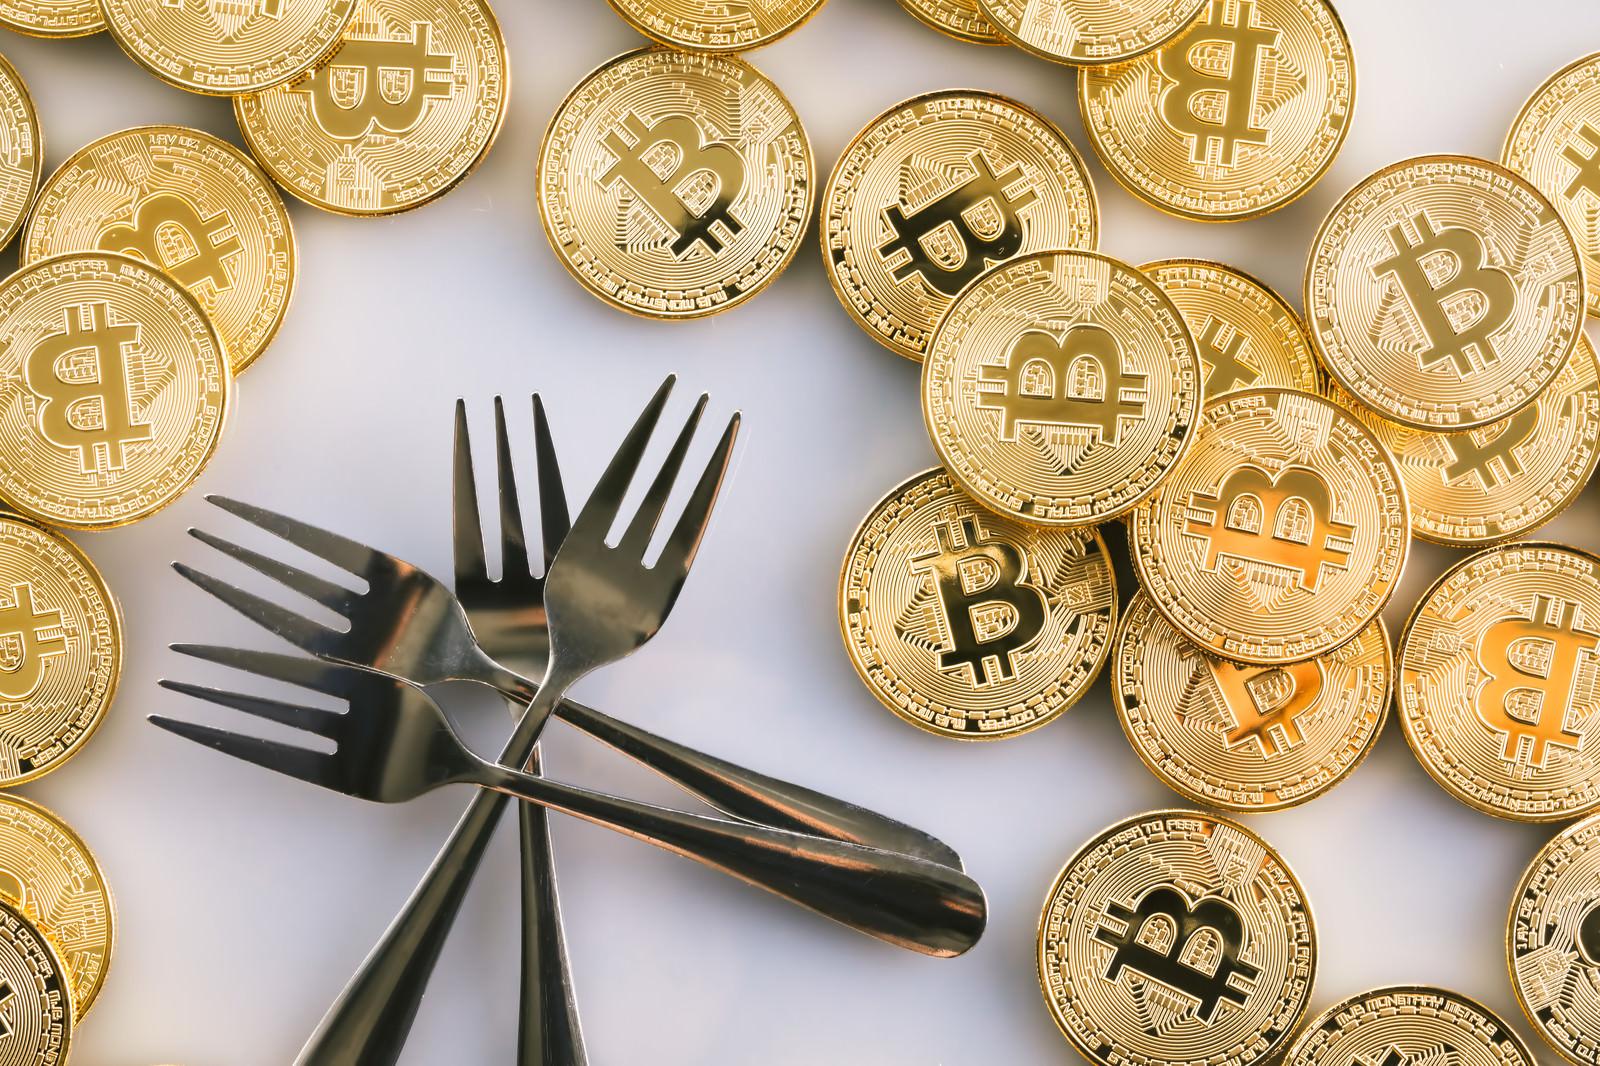 「ビットコインと複数のフォーク」の写真